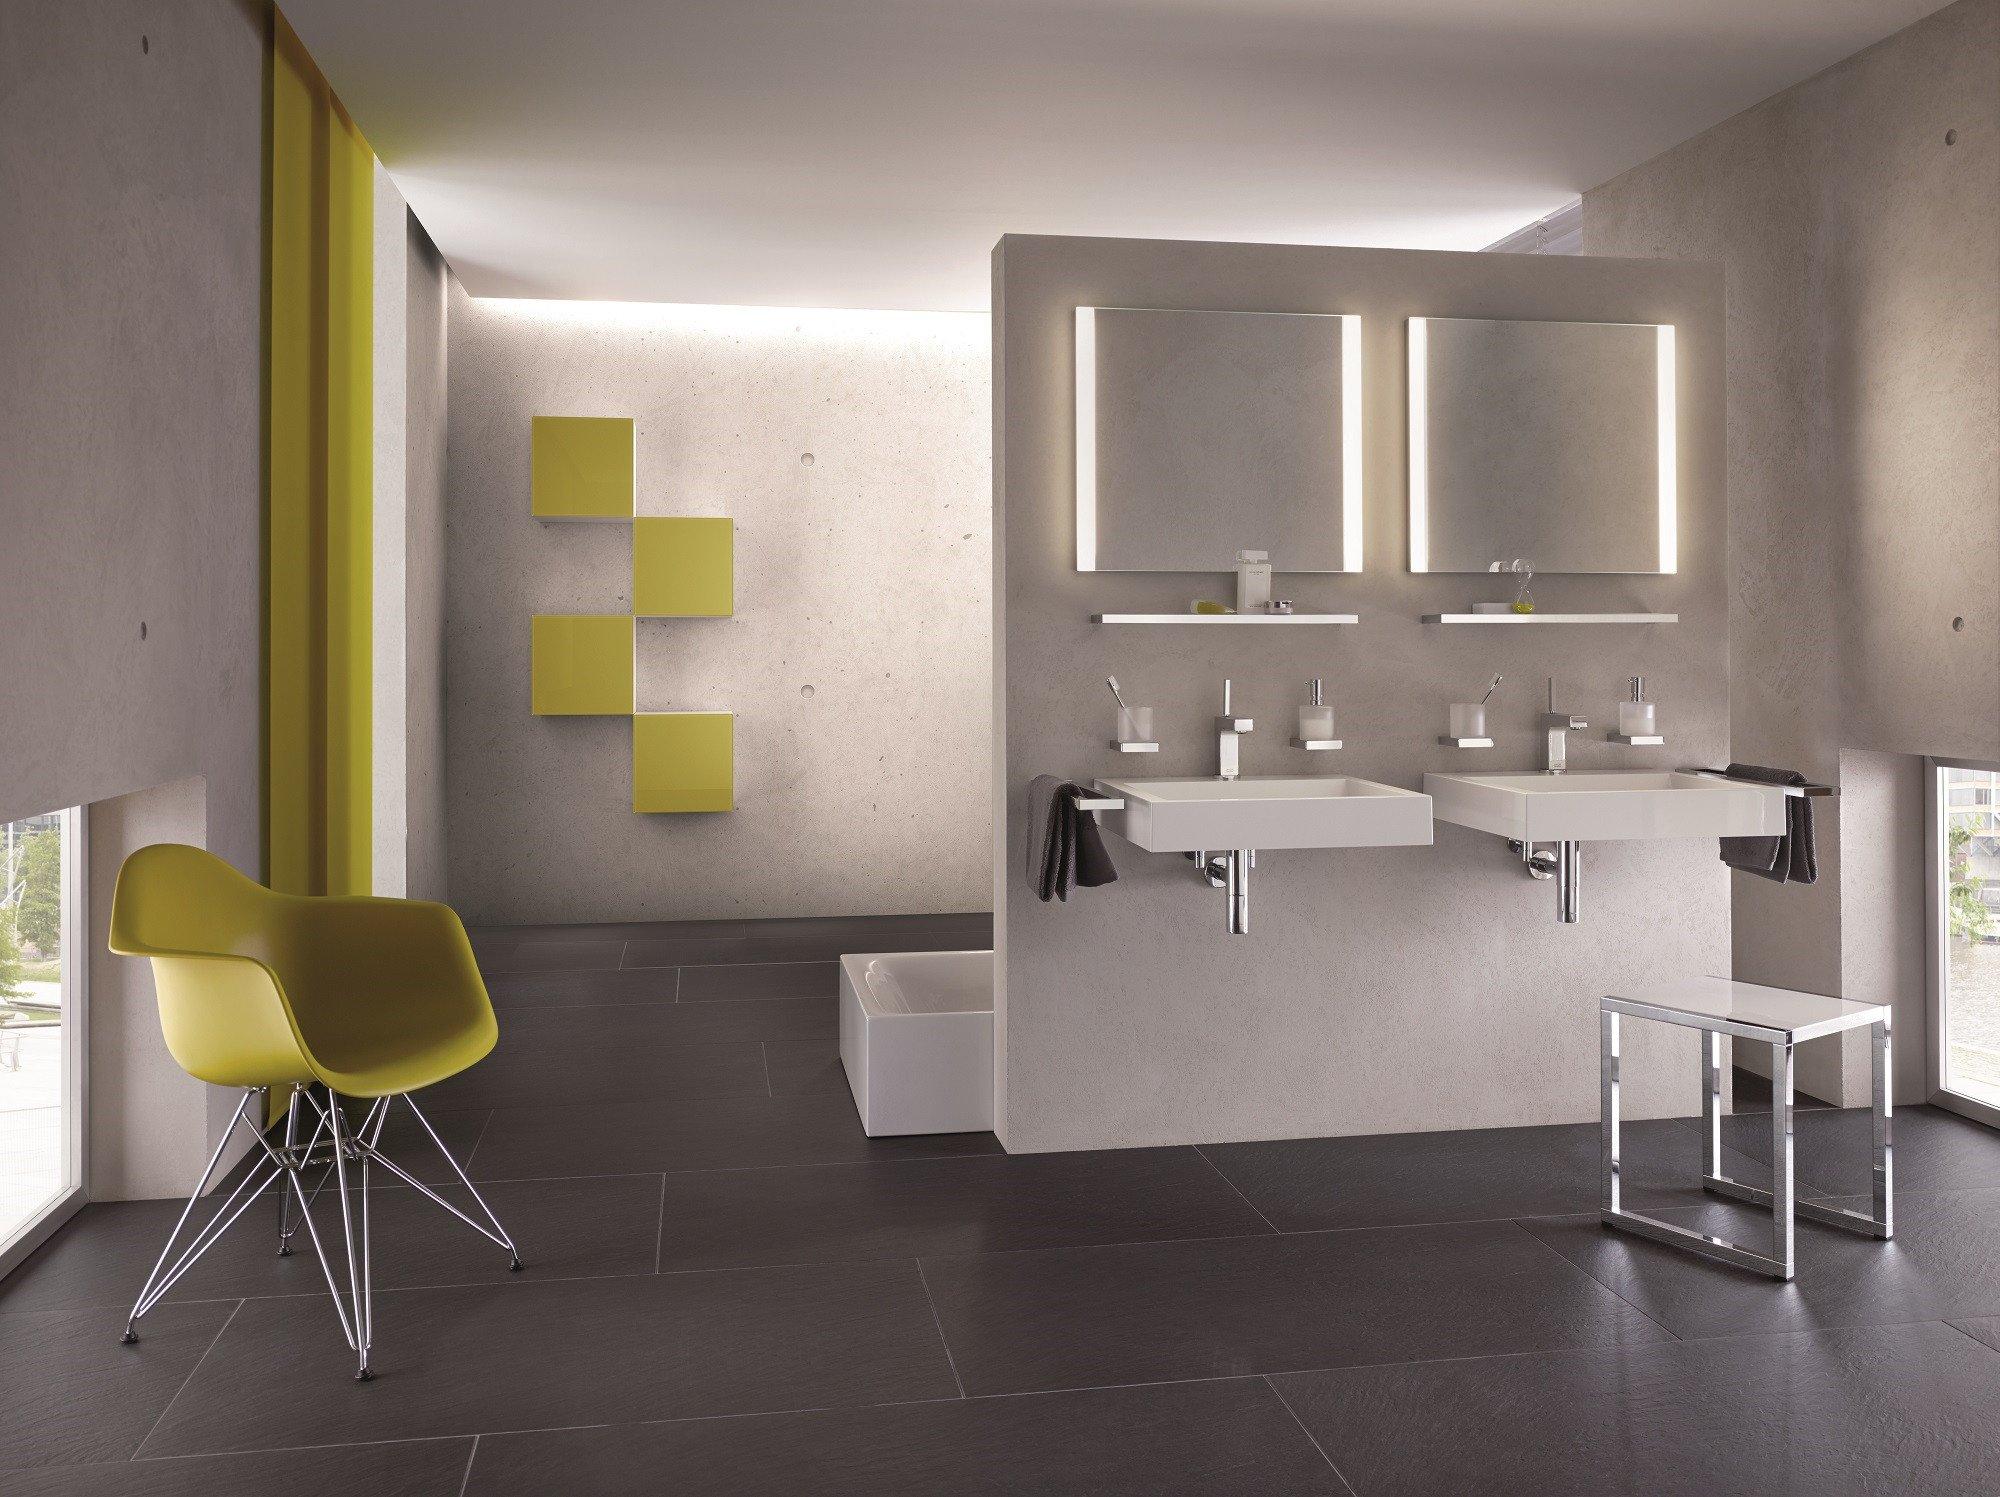 wc h uschen aus holz stampfbeton und altstahl bad und sanit r news produkte baunetz wissen. Black Bedroom Furniture Sets. Home Design Ideas